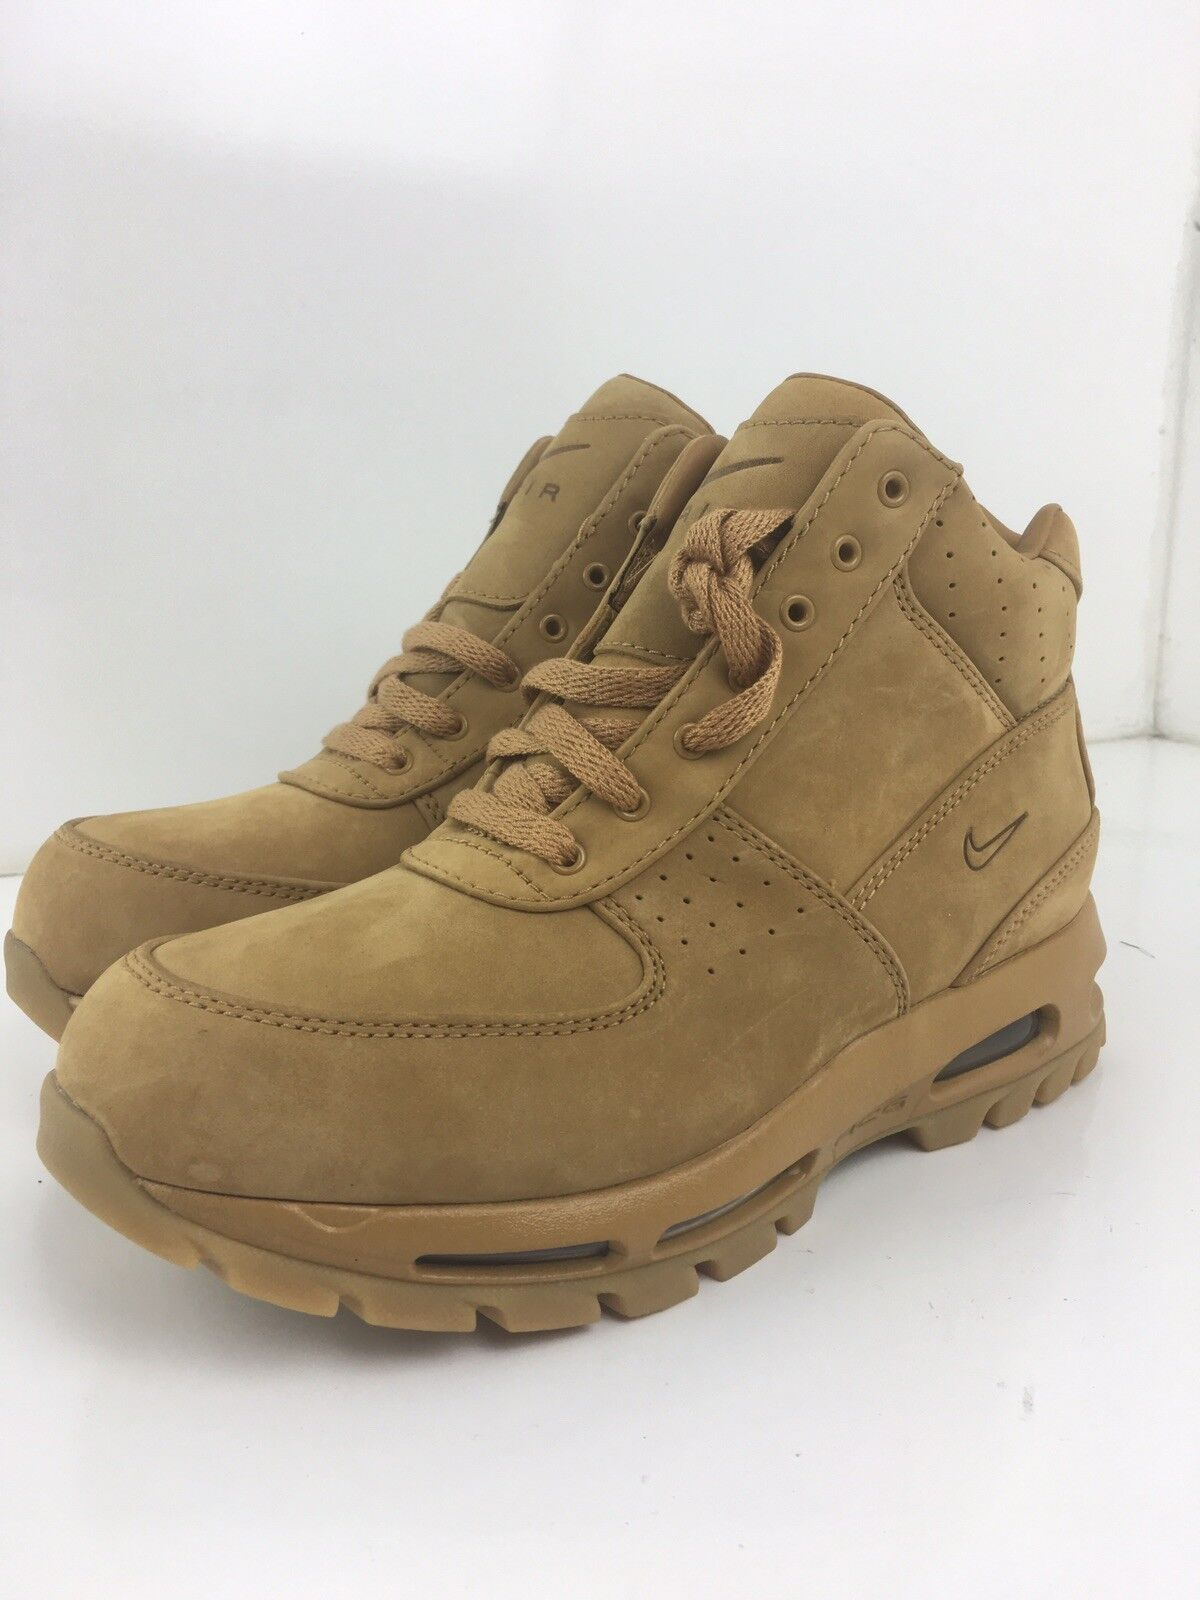 Brand New Mens Sz 8 Nike Air Max Godame QS 886991-220 ACG  Wheat  Hiking Boots